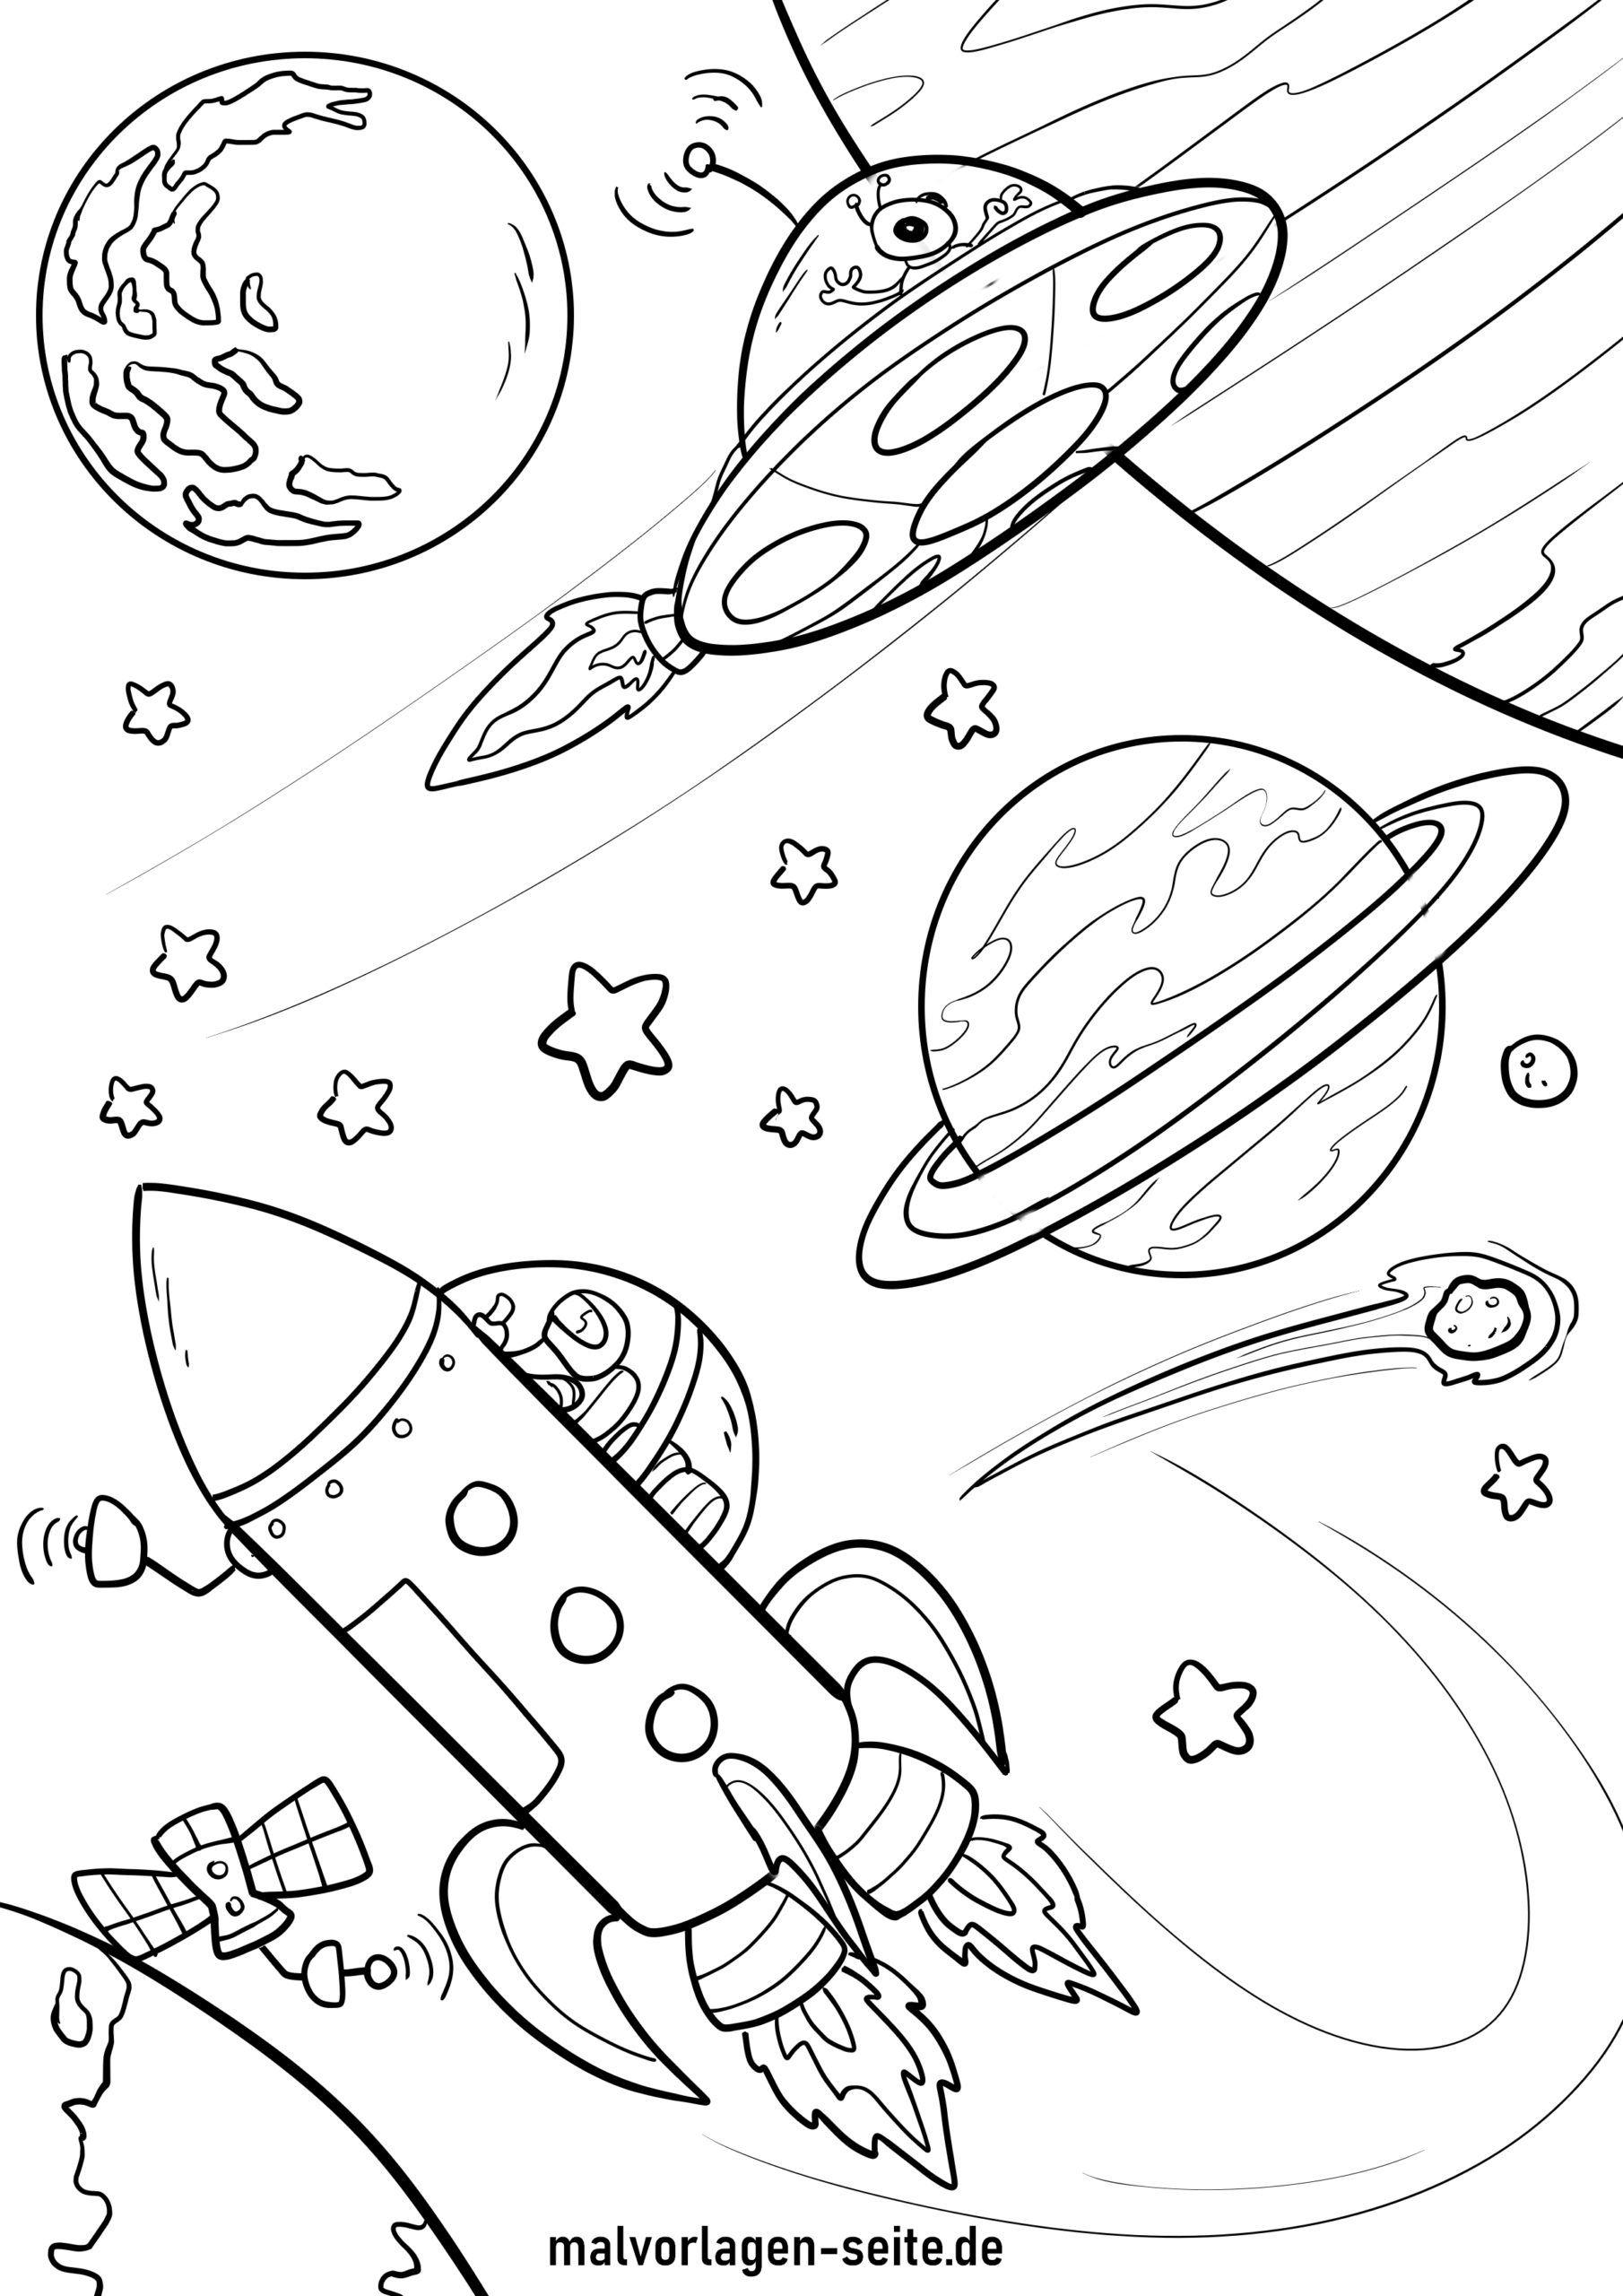 planeten bilder zum ausmalen  kinderbilderdownload